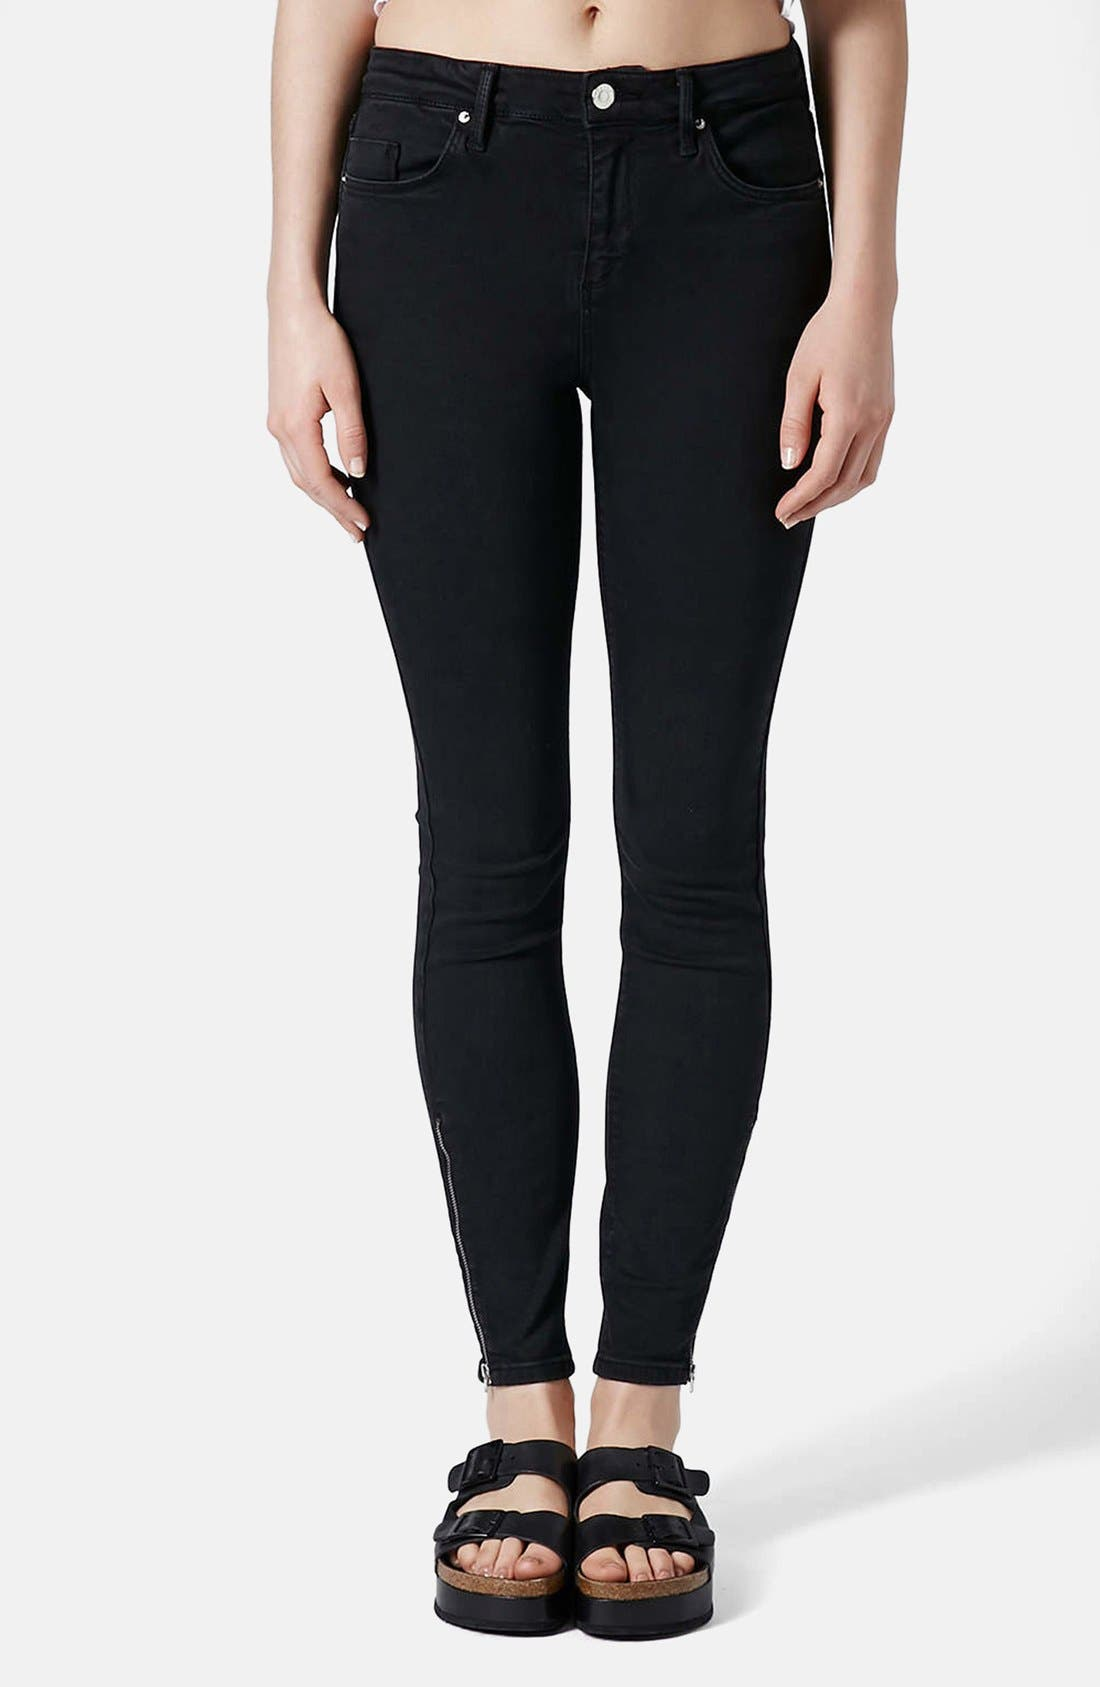 Alternate Image 1 Selected - Topshop 'Jamie' Zip Ankle Jeans